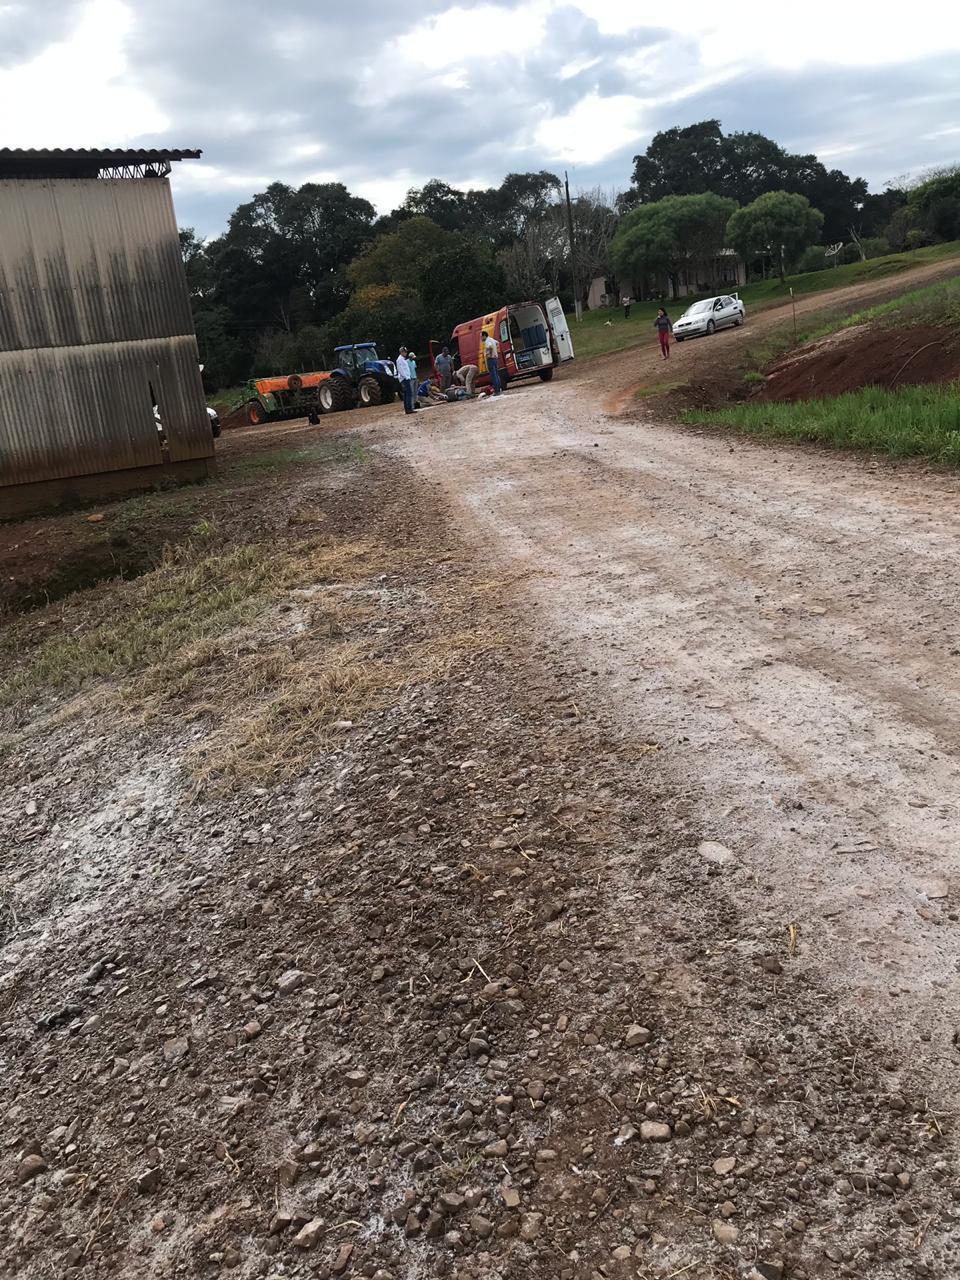 Homem fica gravemente ferido ao cair de caminhão na comunidade do Erval Grande em Laranjeiras do Sul